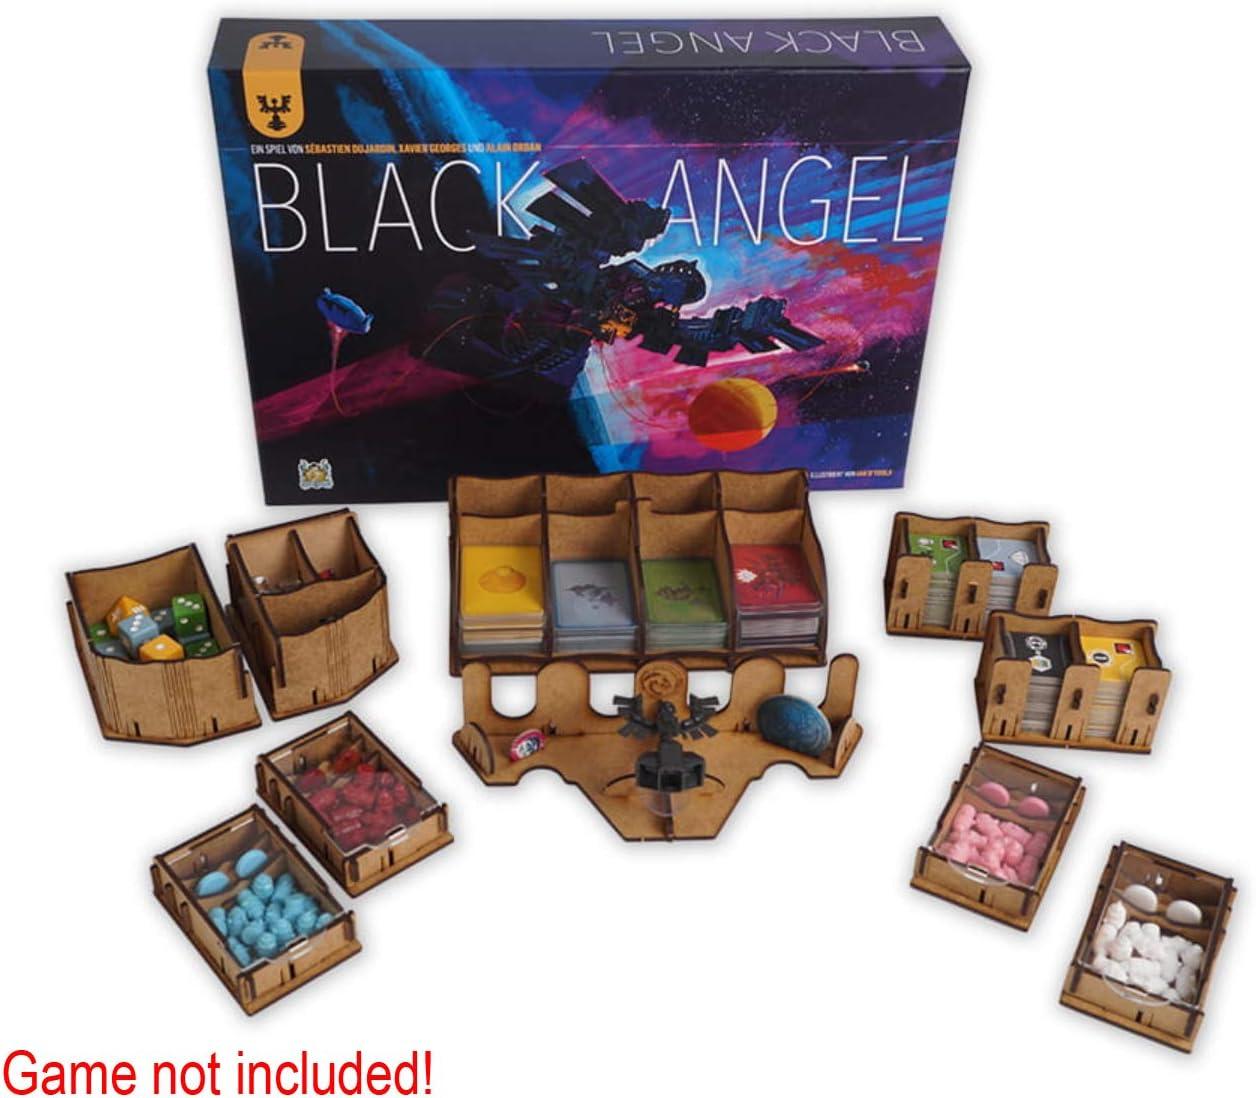 docsmagic.de Organizer Insert for Black Angel Box - Encarte: Amazon.es: Juguetes y juegos